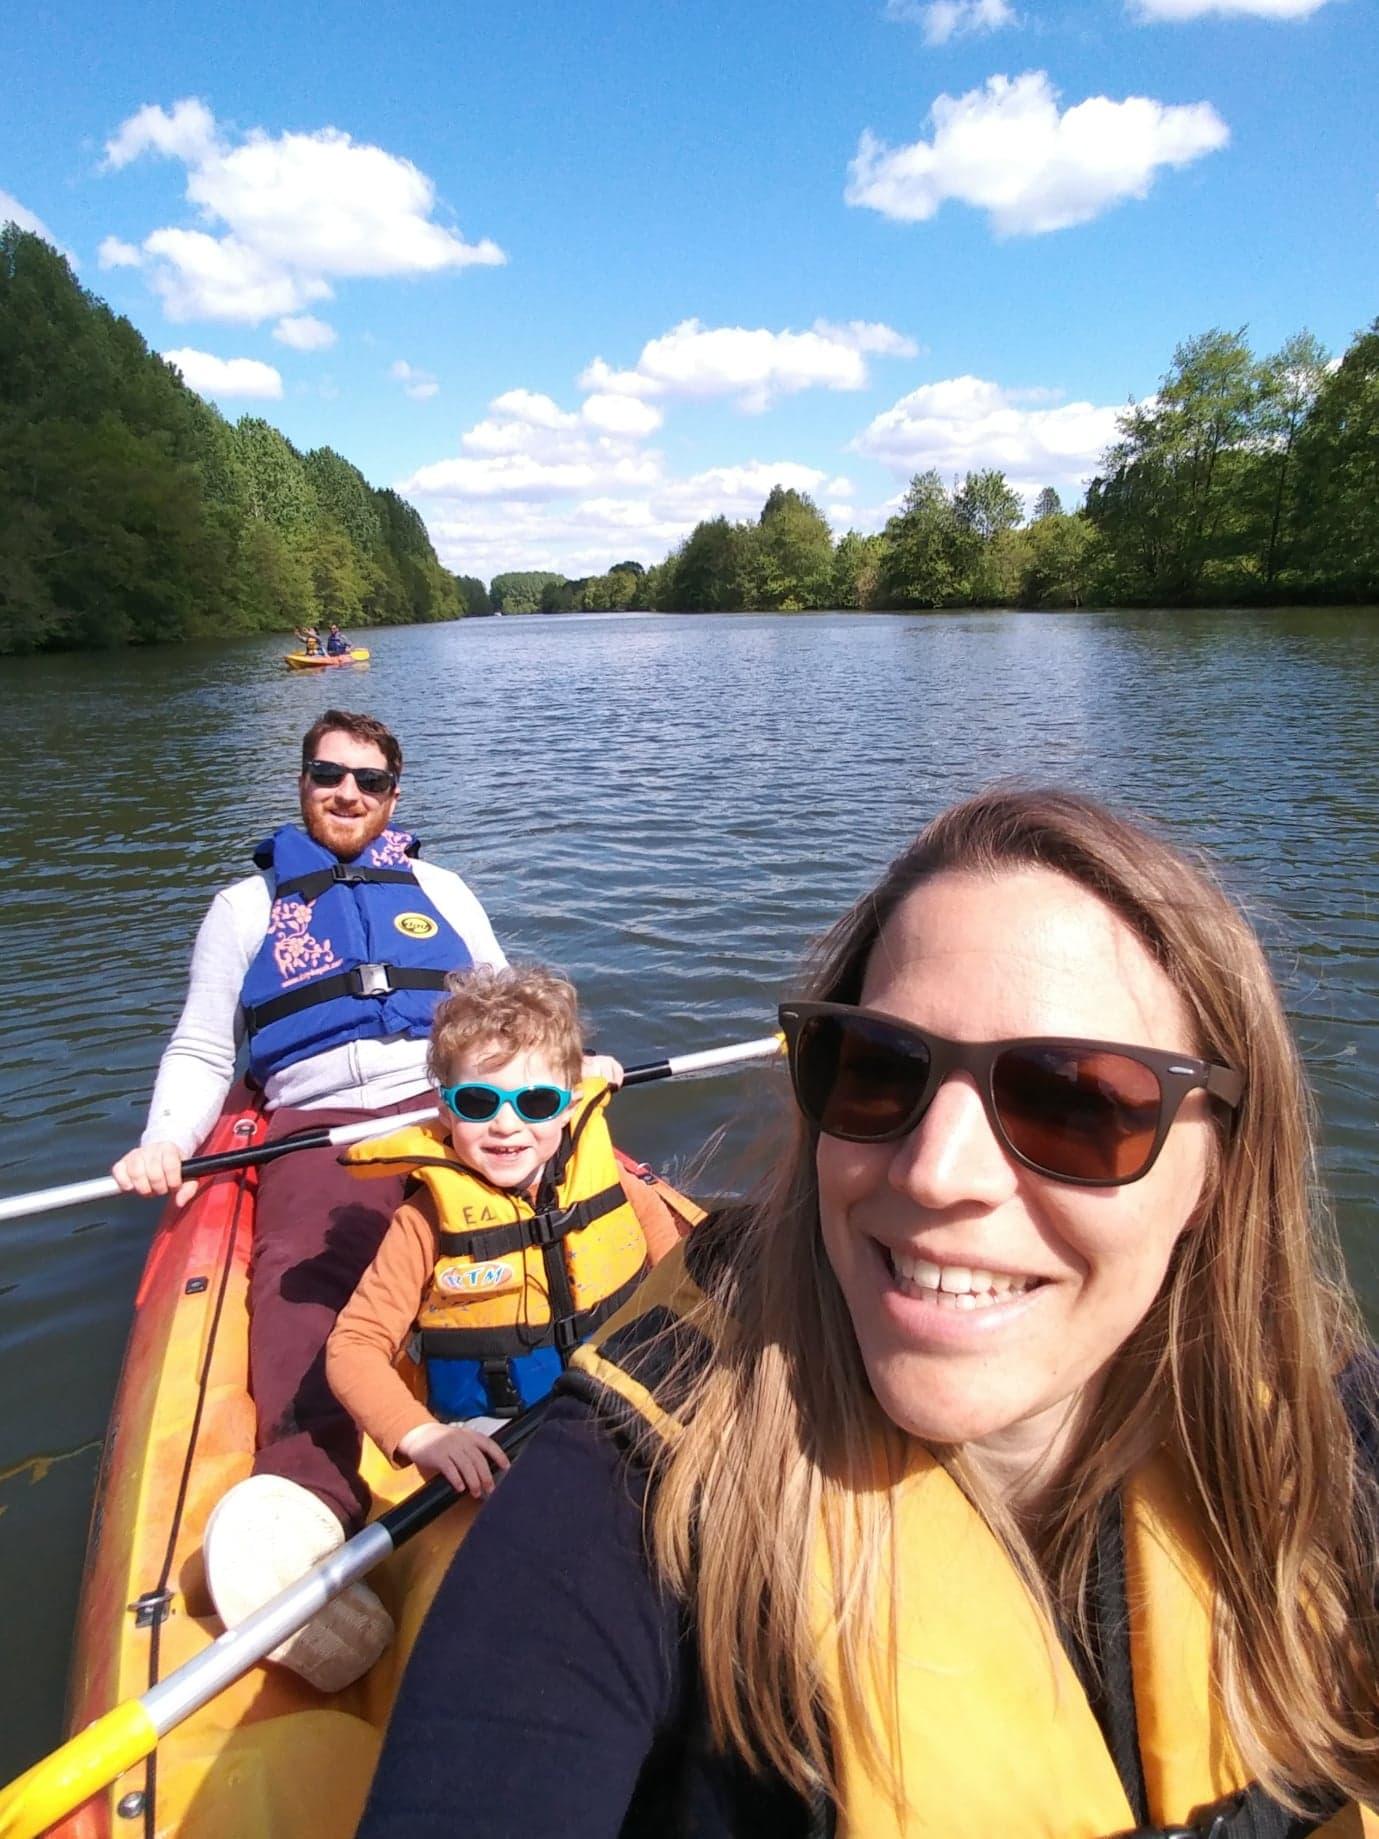 Tourisme fluvial sur la Sarthe : C'est aussi en Kayak que l'on peut pleinement profiter de la Sarthe